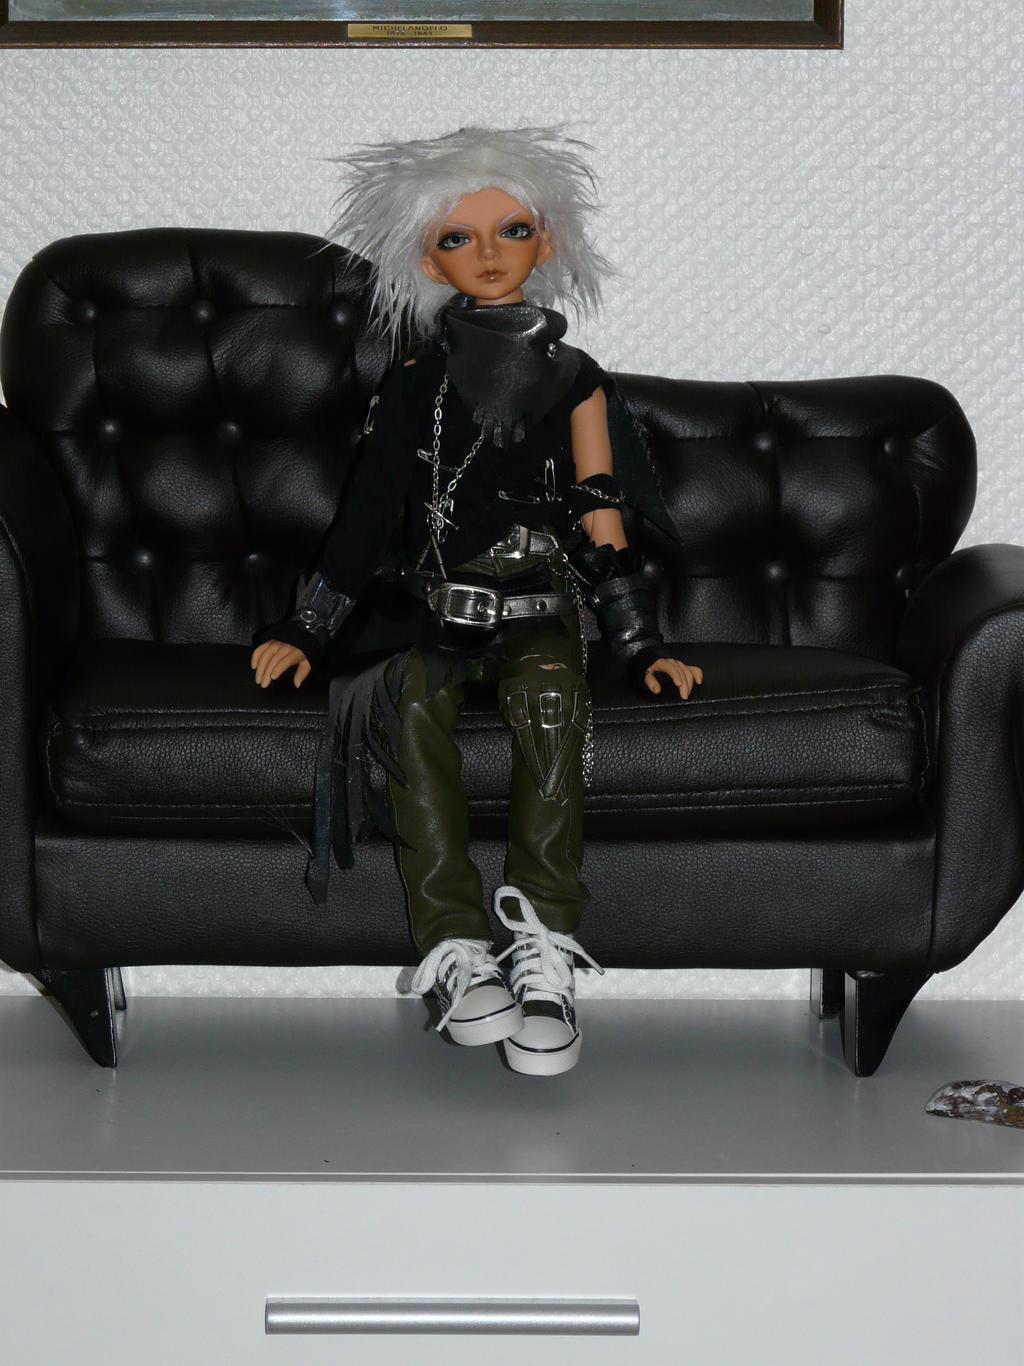 My daughter's dolls III